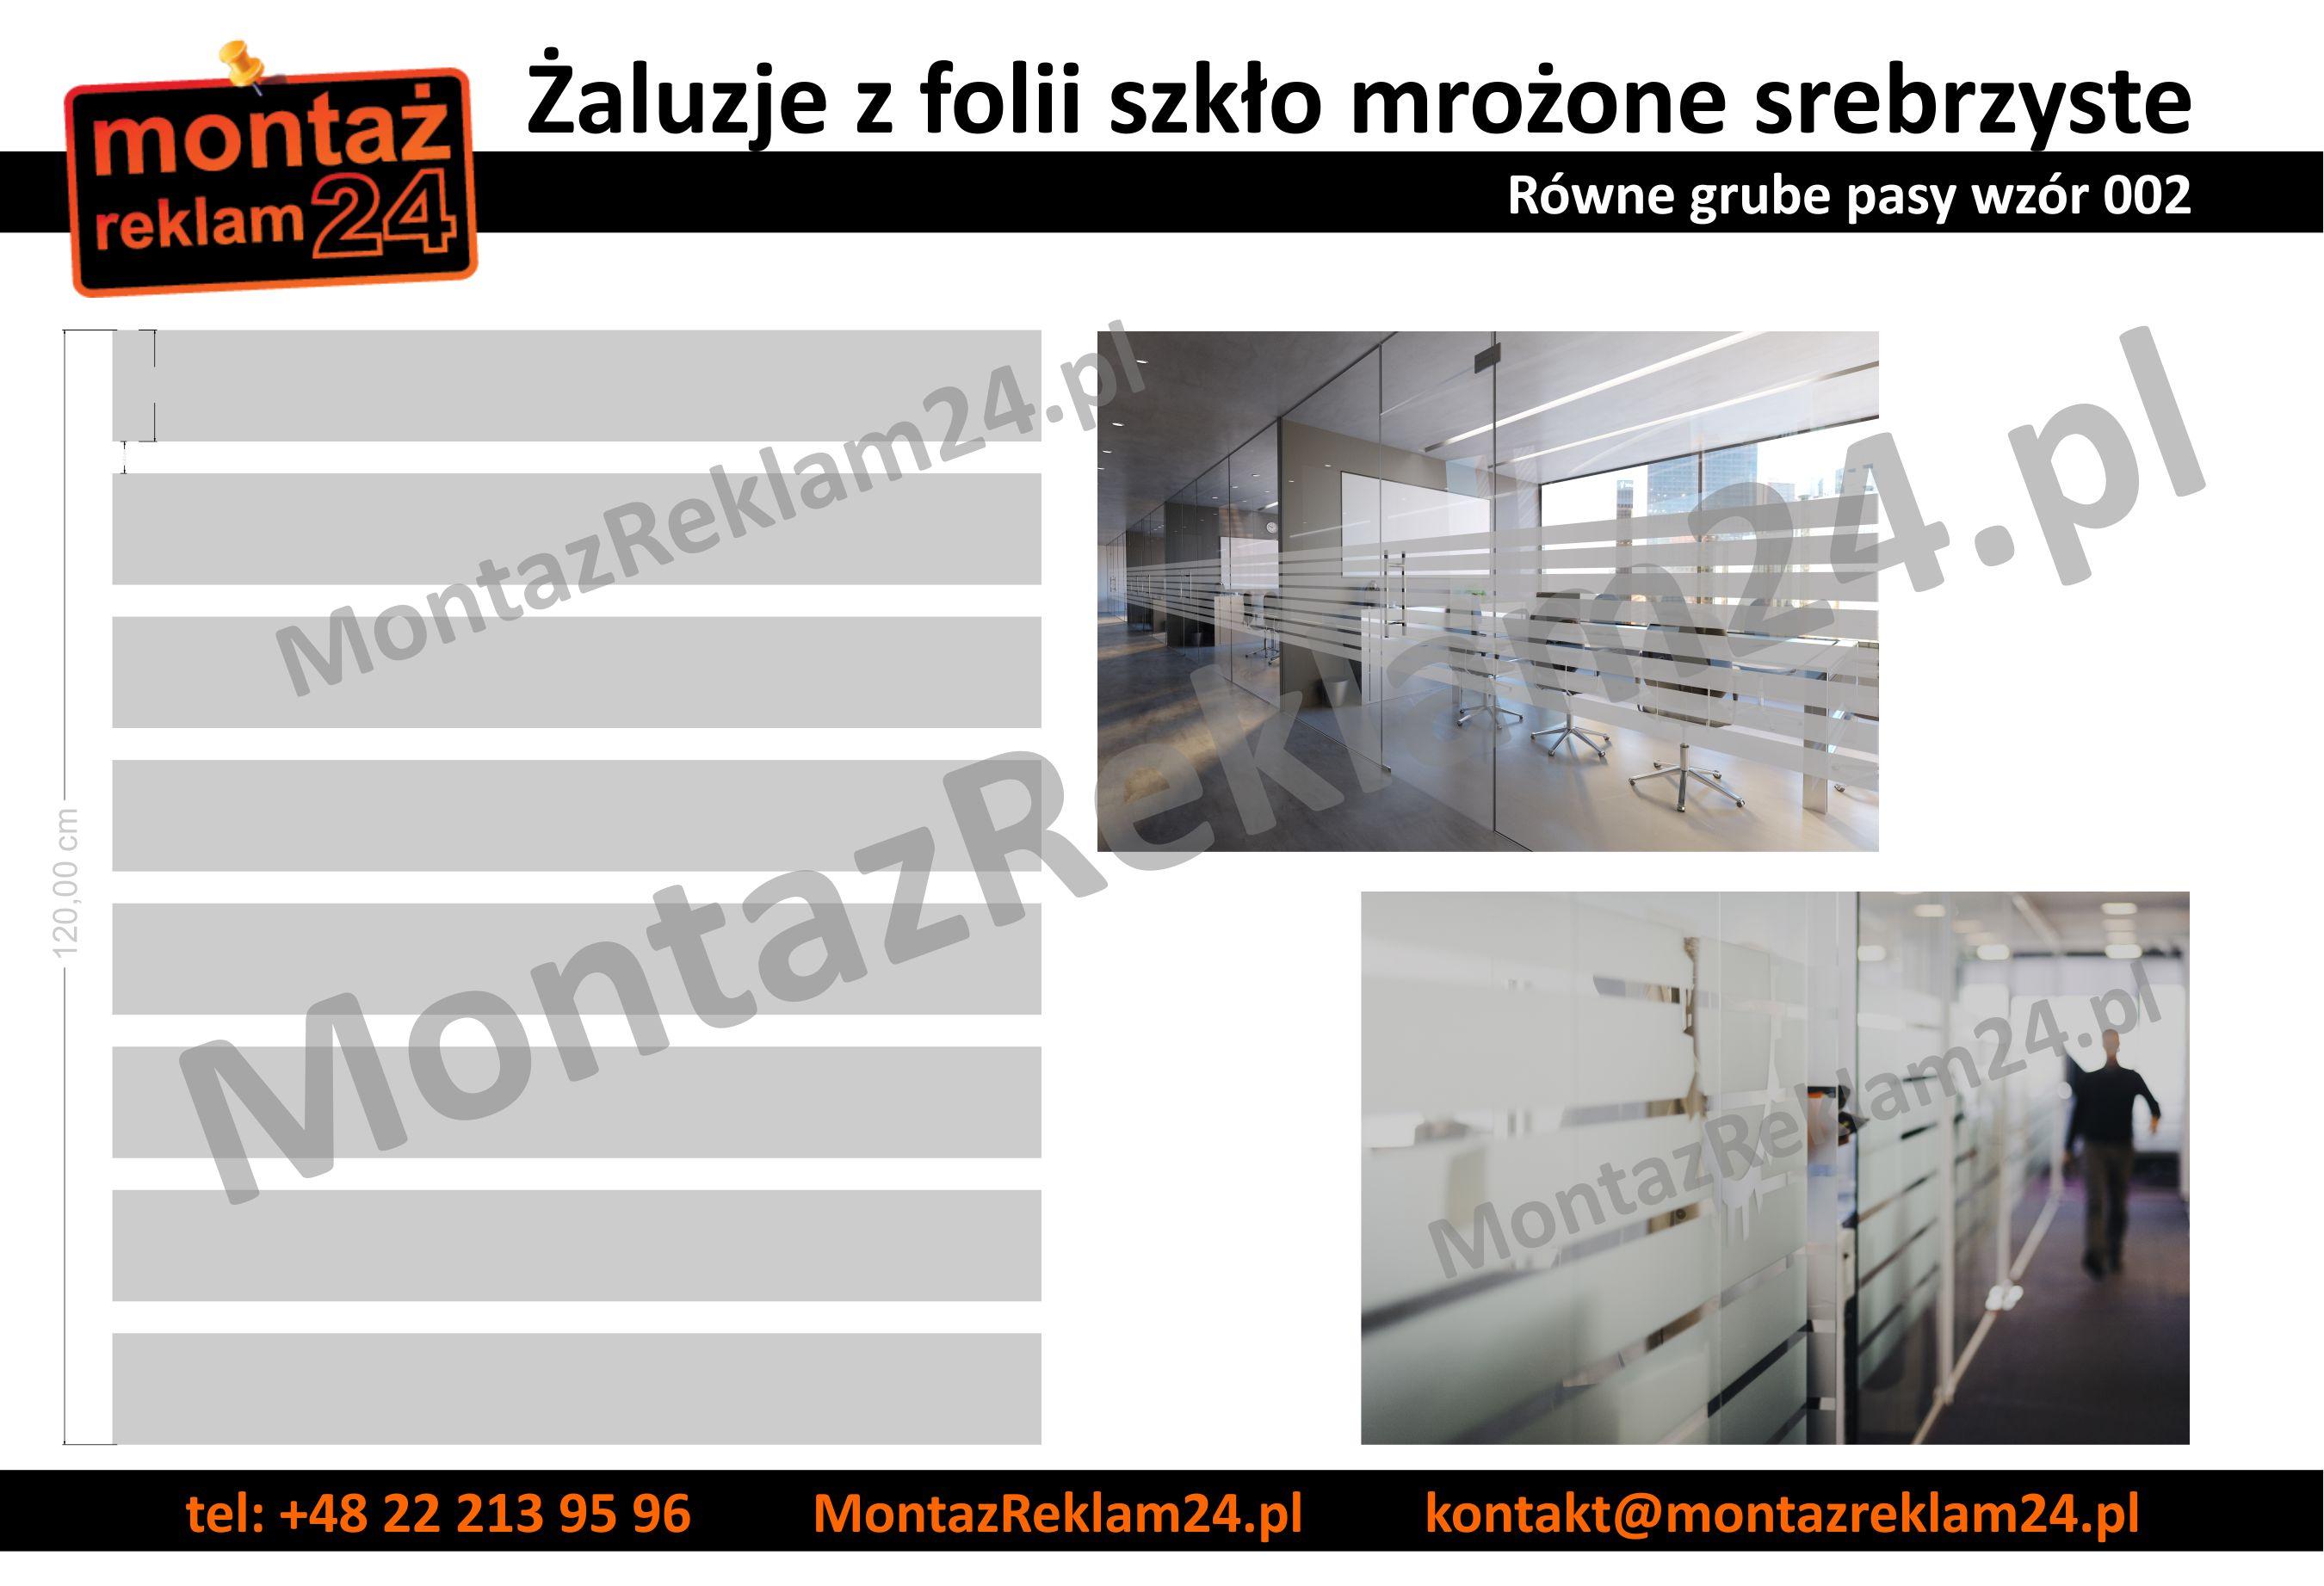 Zaluzje z folii mrozonej grube rowne pasy - wzor002 - MontazReklam24.jpg